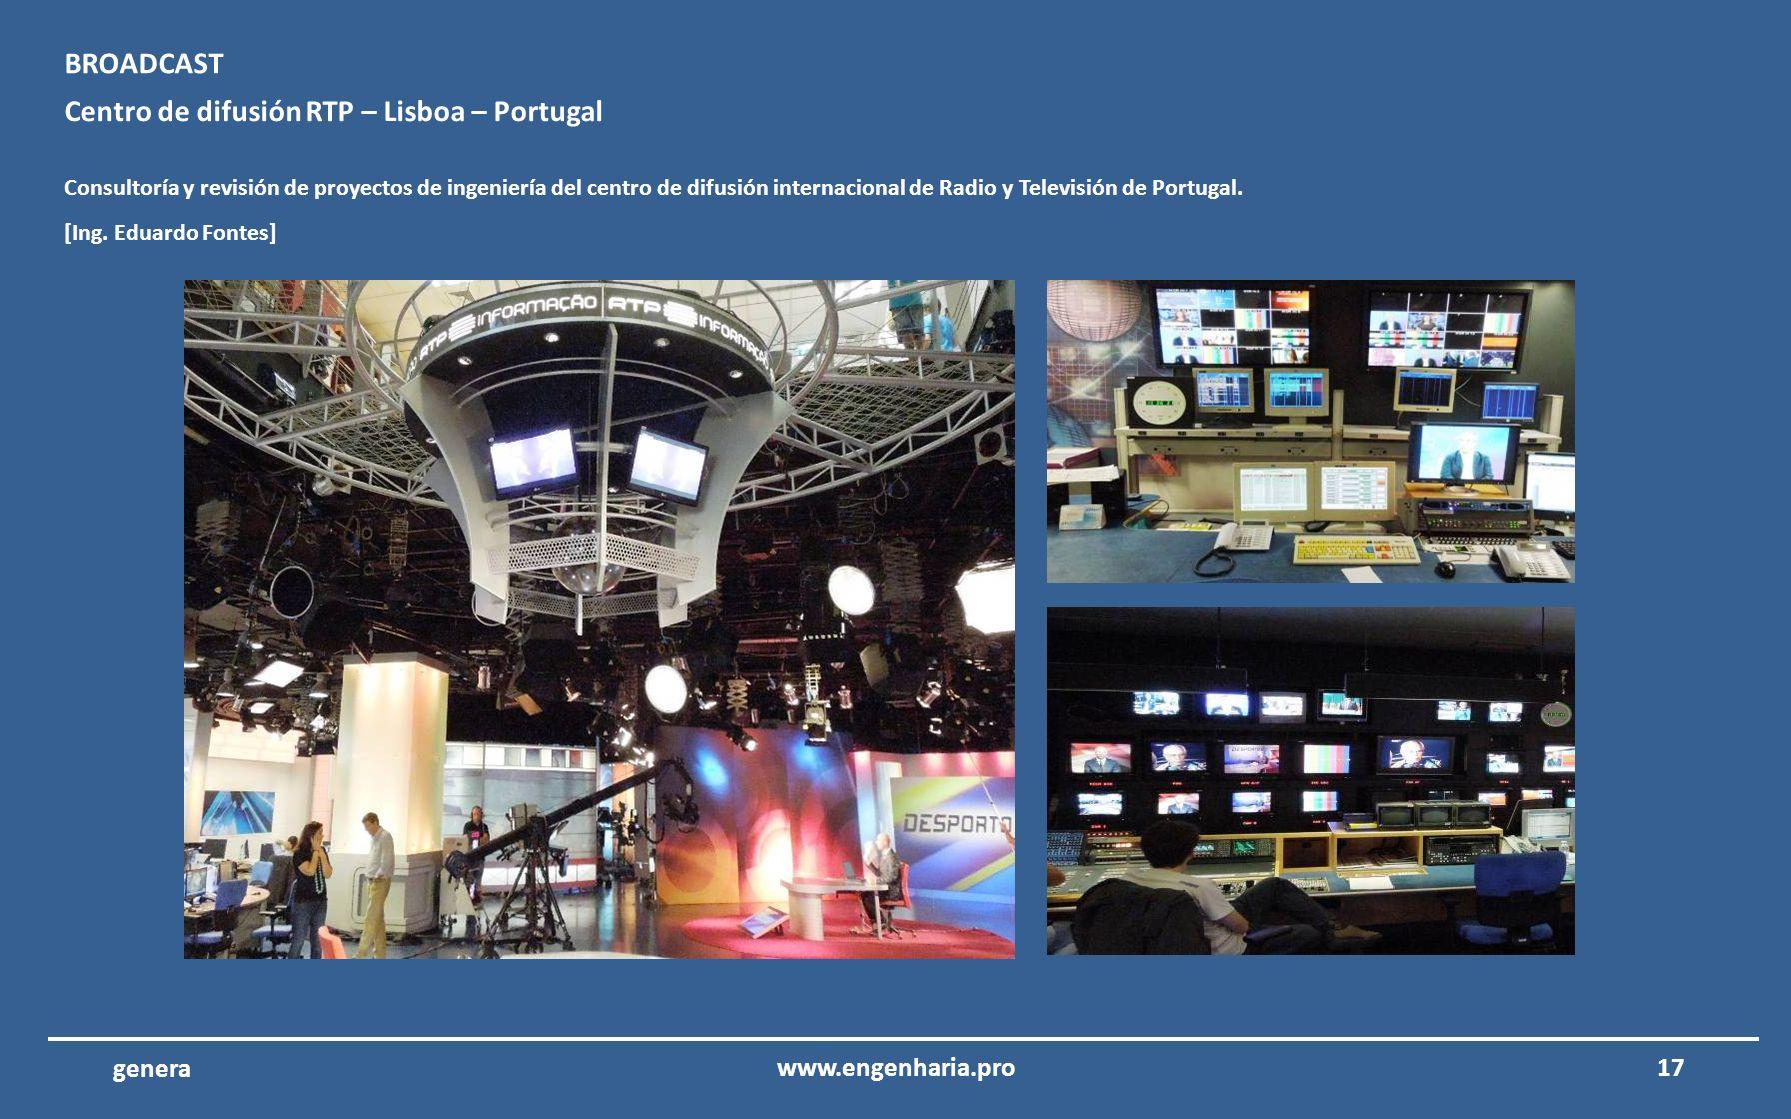 Centro de difusión RTP – Lisboa – Portugal